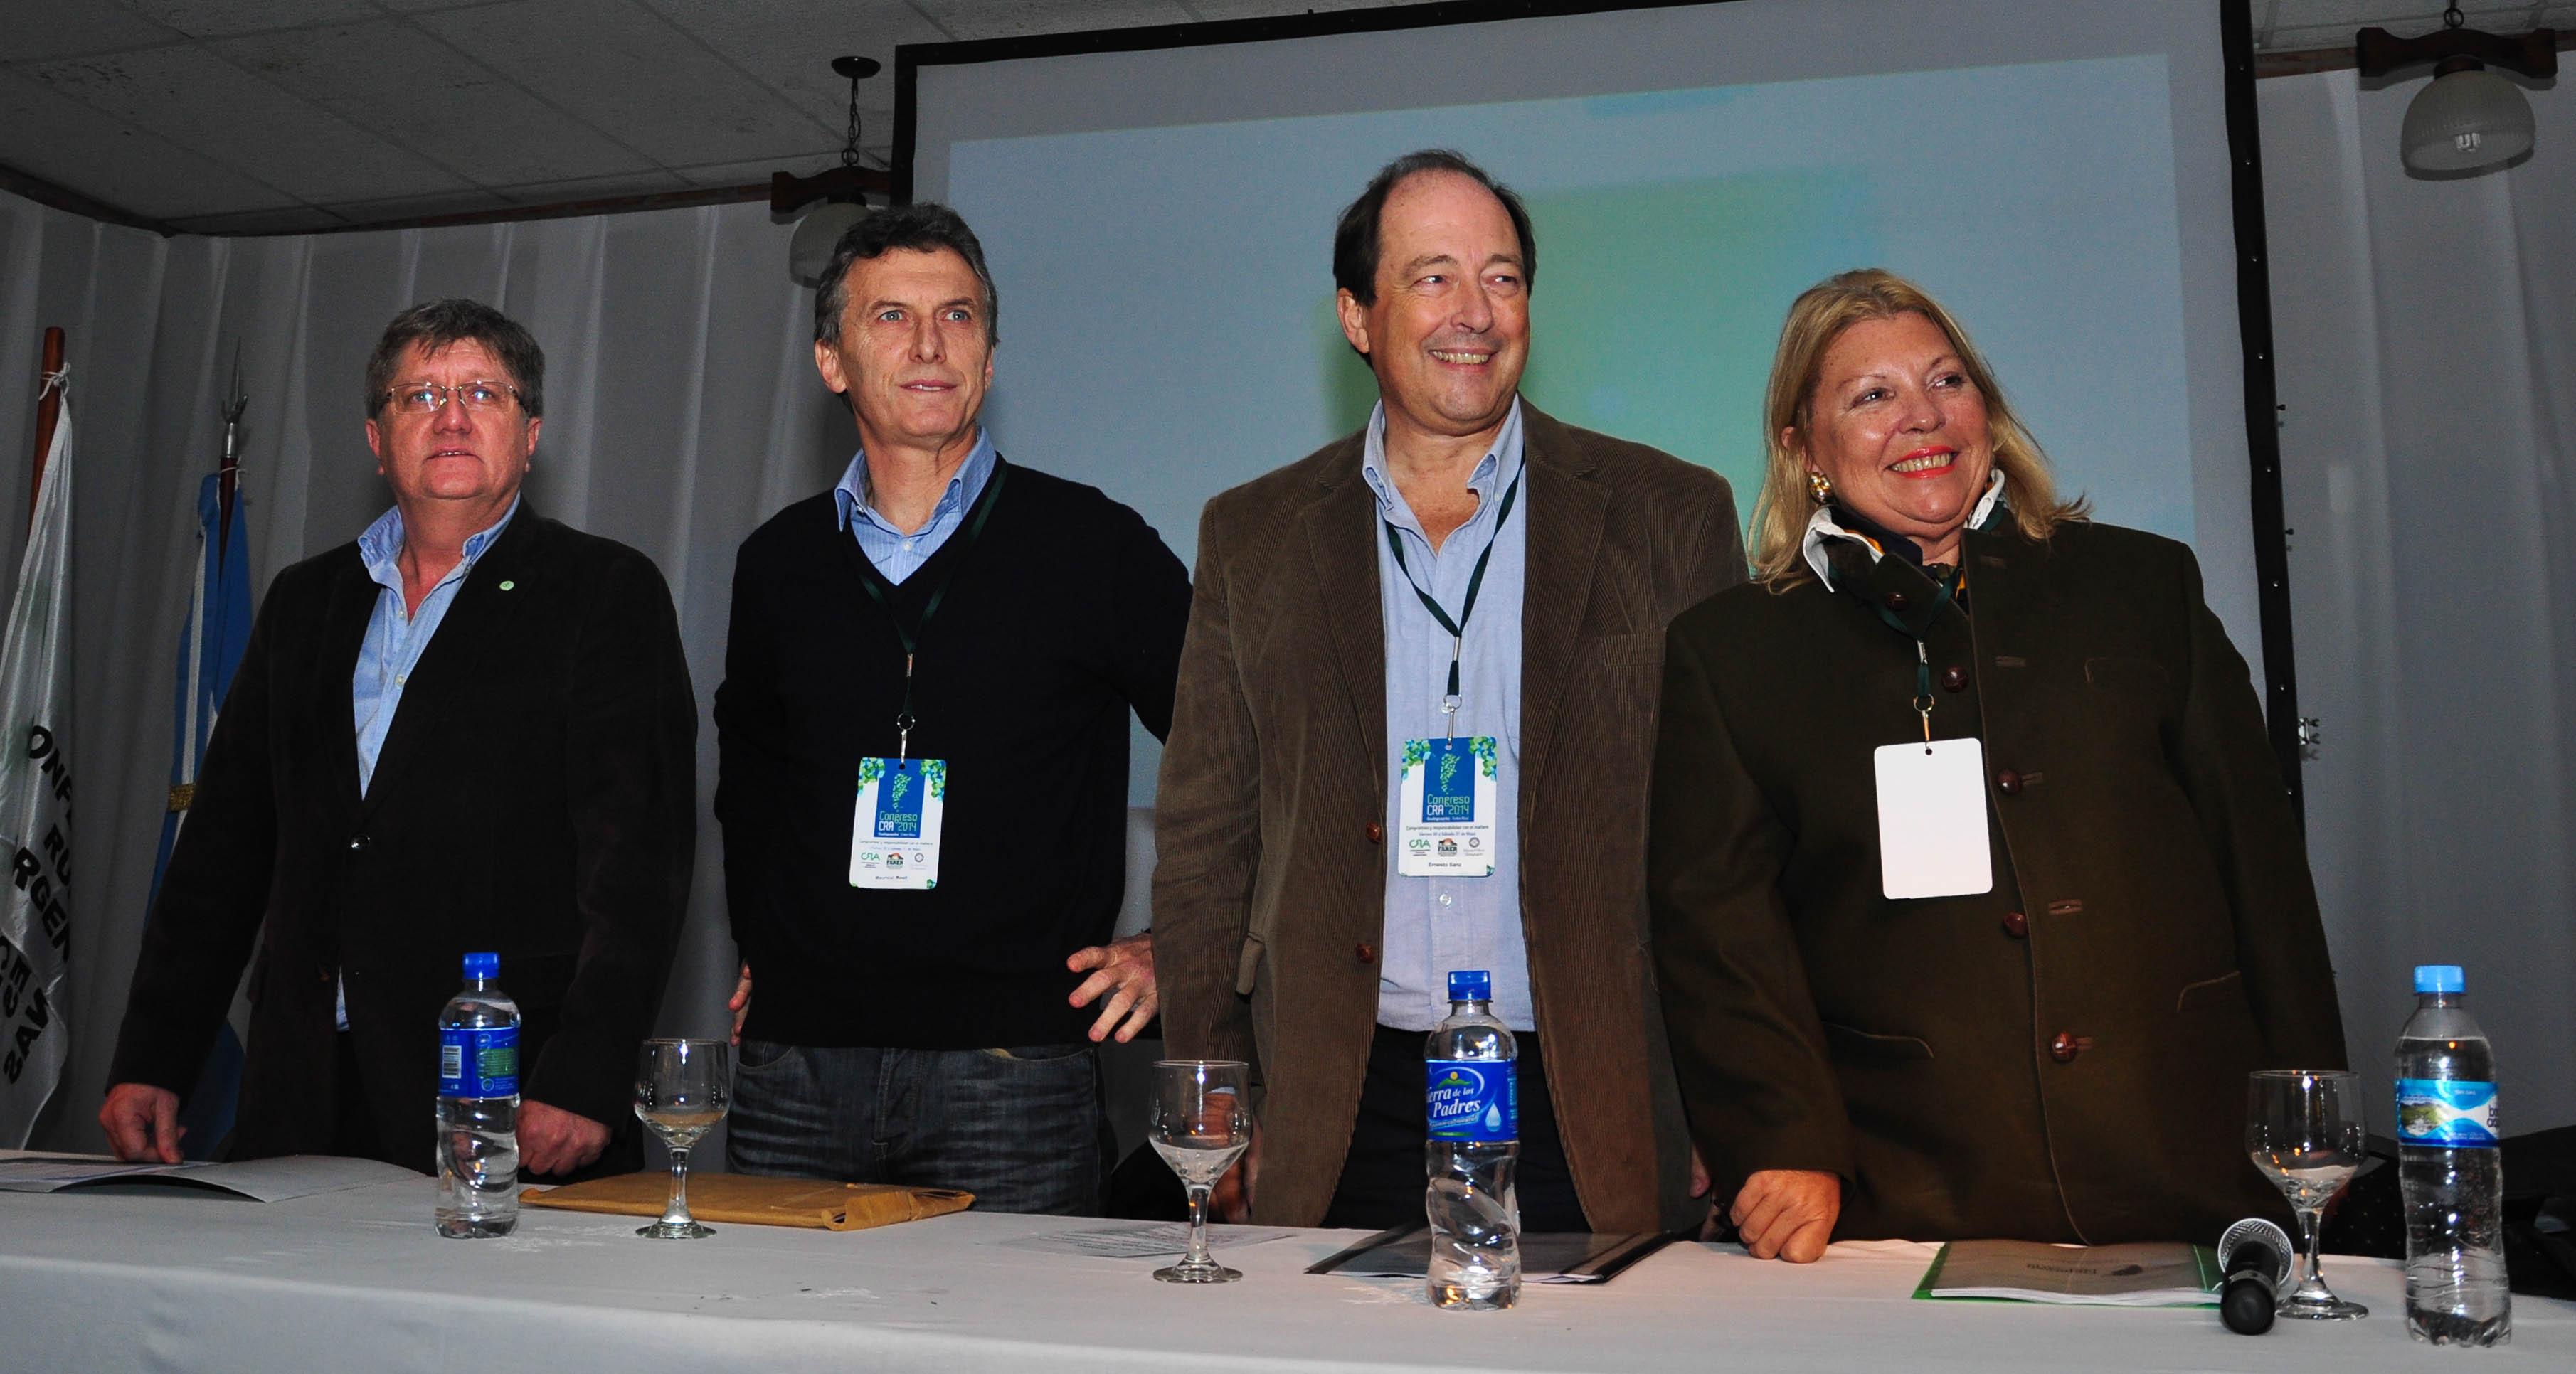 """Peter Robledo: """"Muchachos peronistas, ya pasó su turno""""  (Nota de Opinión)"""